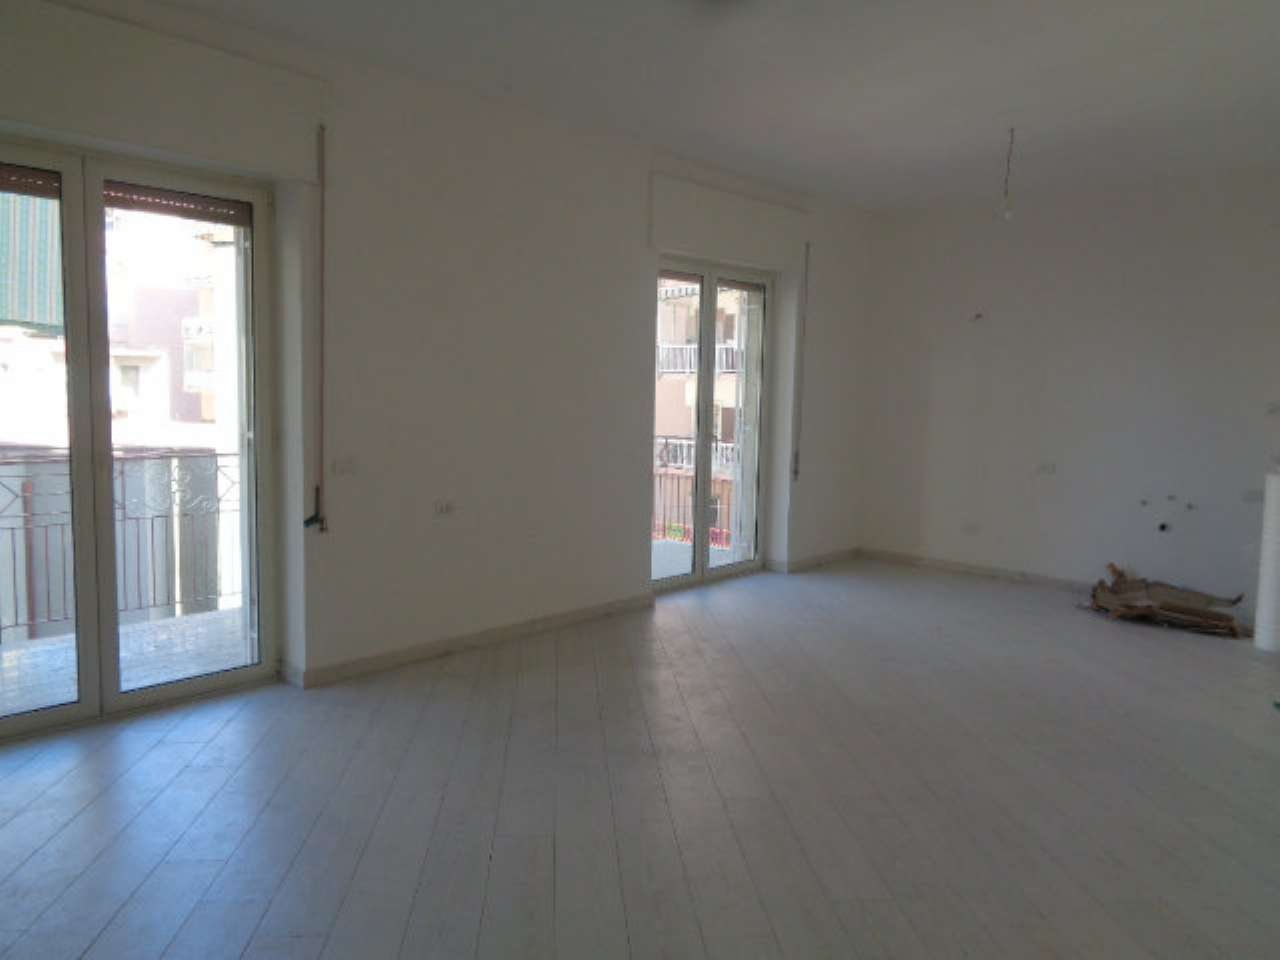 Appartamento in vendita a Marano di Napoli, 3 locali, prezzo € 161.500 | CambioCasa.it